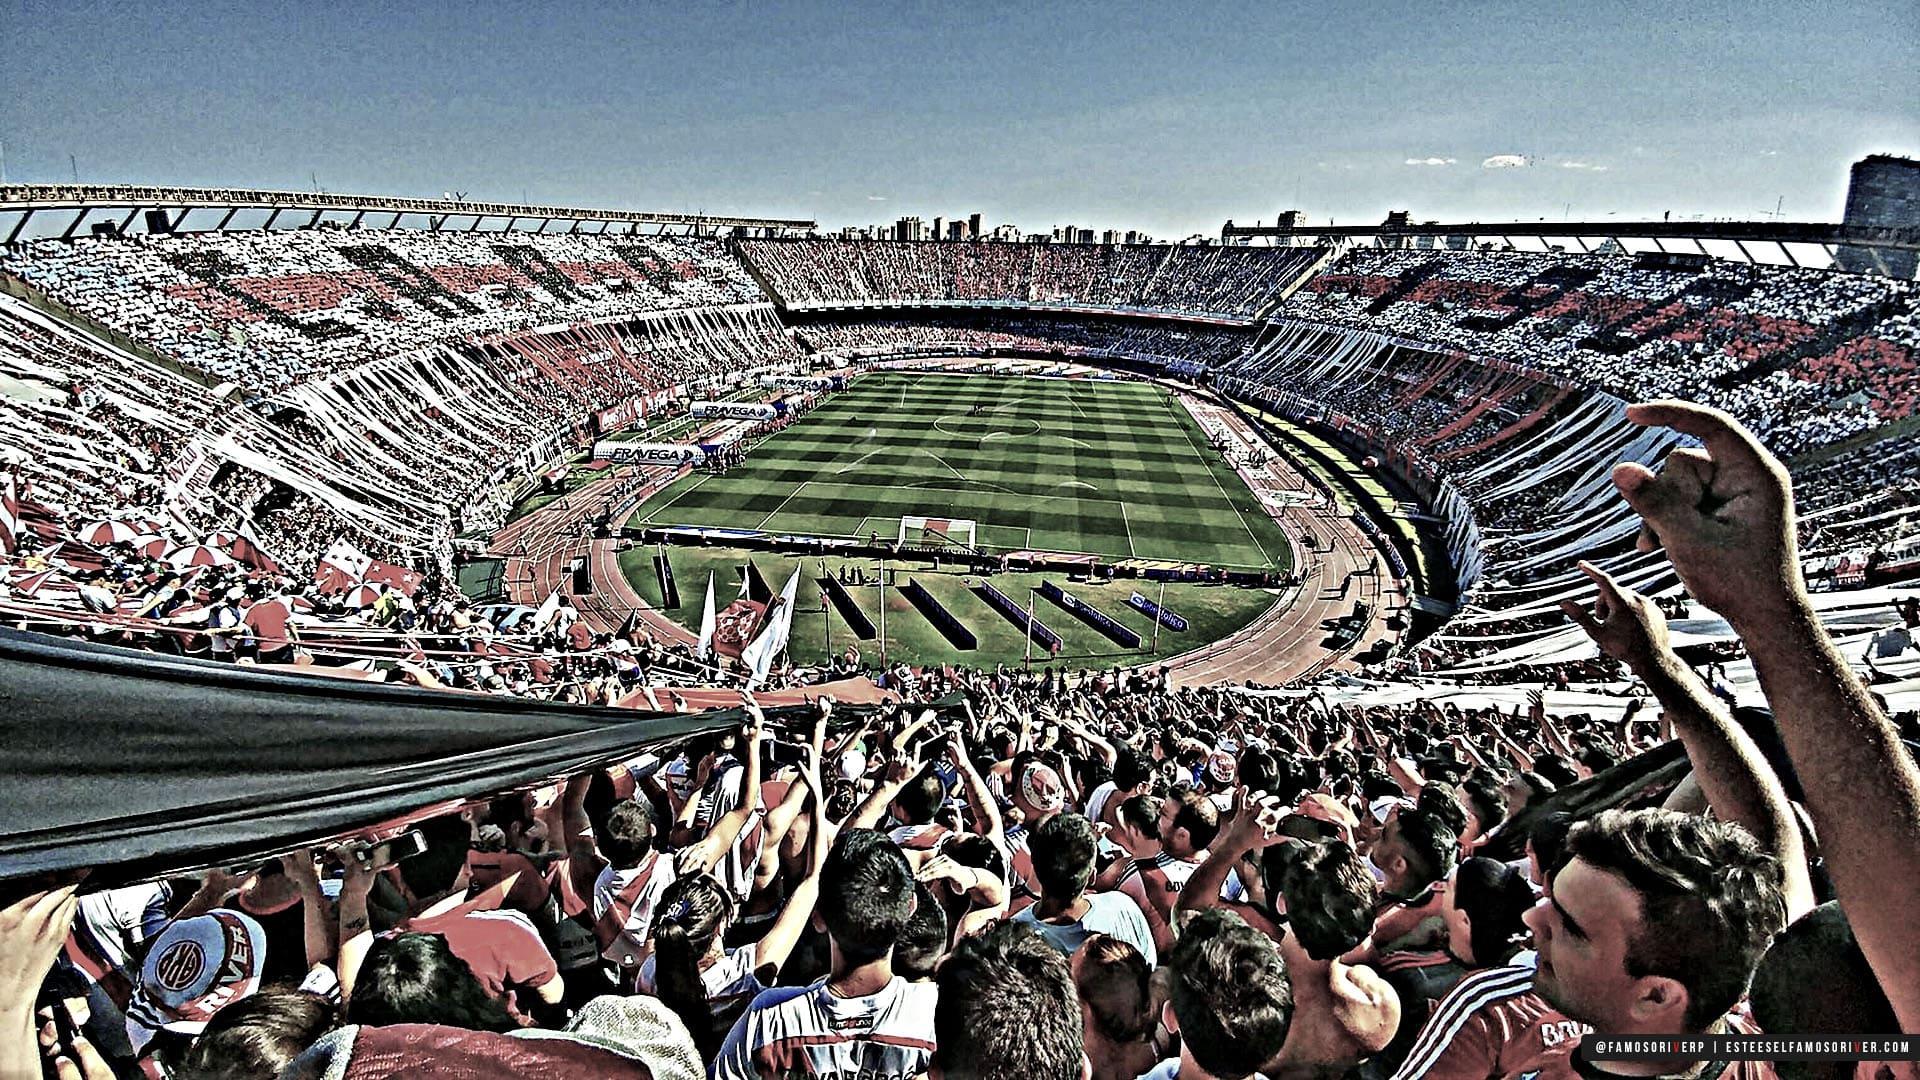 imagenes-de-River-Plate-para-fondos-de-pantalla-wallpaper-de-River-Hinchada de River Plate en el Monumental de día. Monumental Lleno